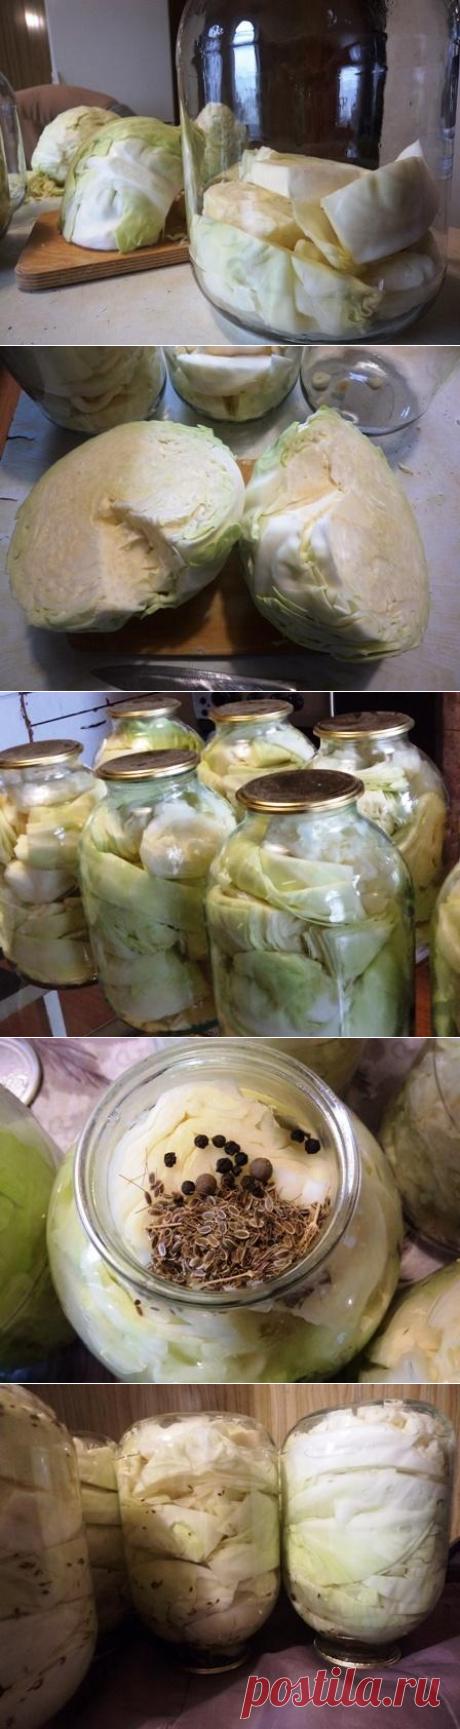 Рецепт маринованной капусты на зиму